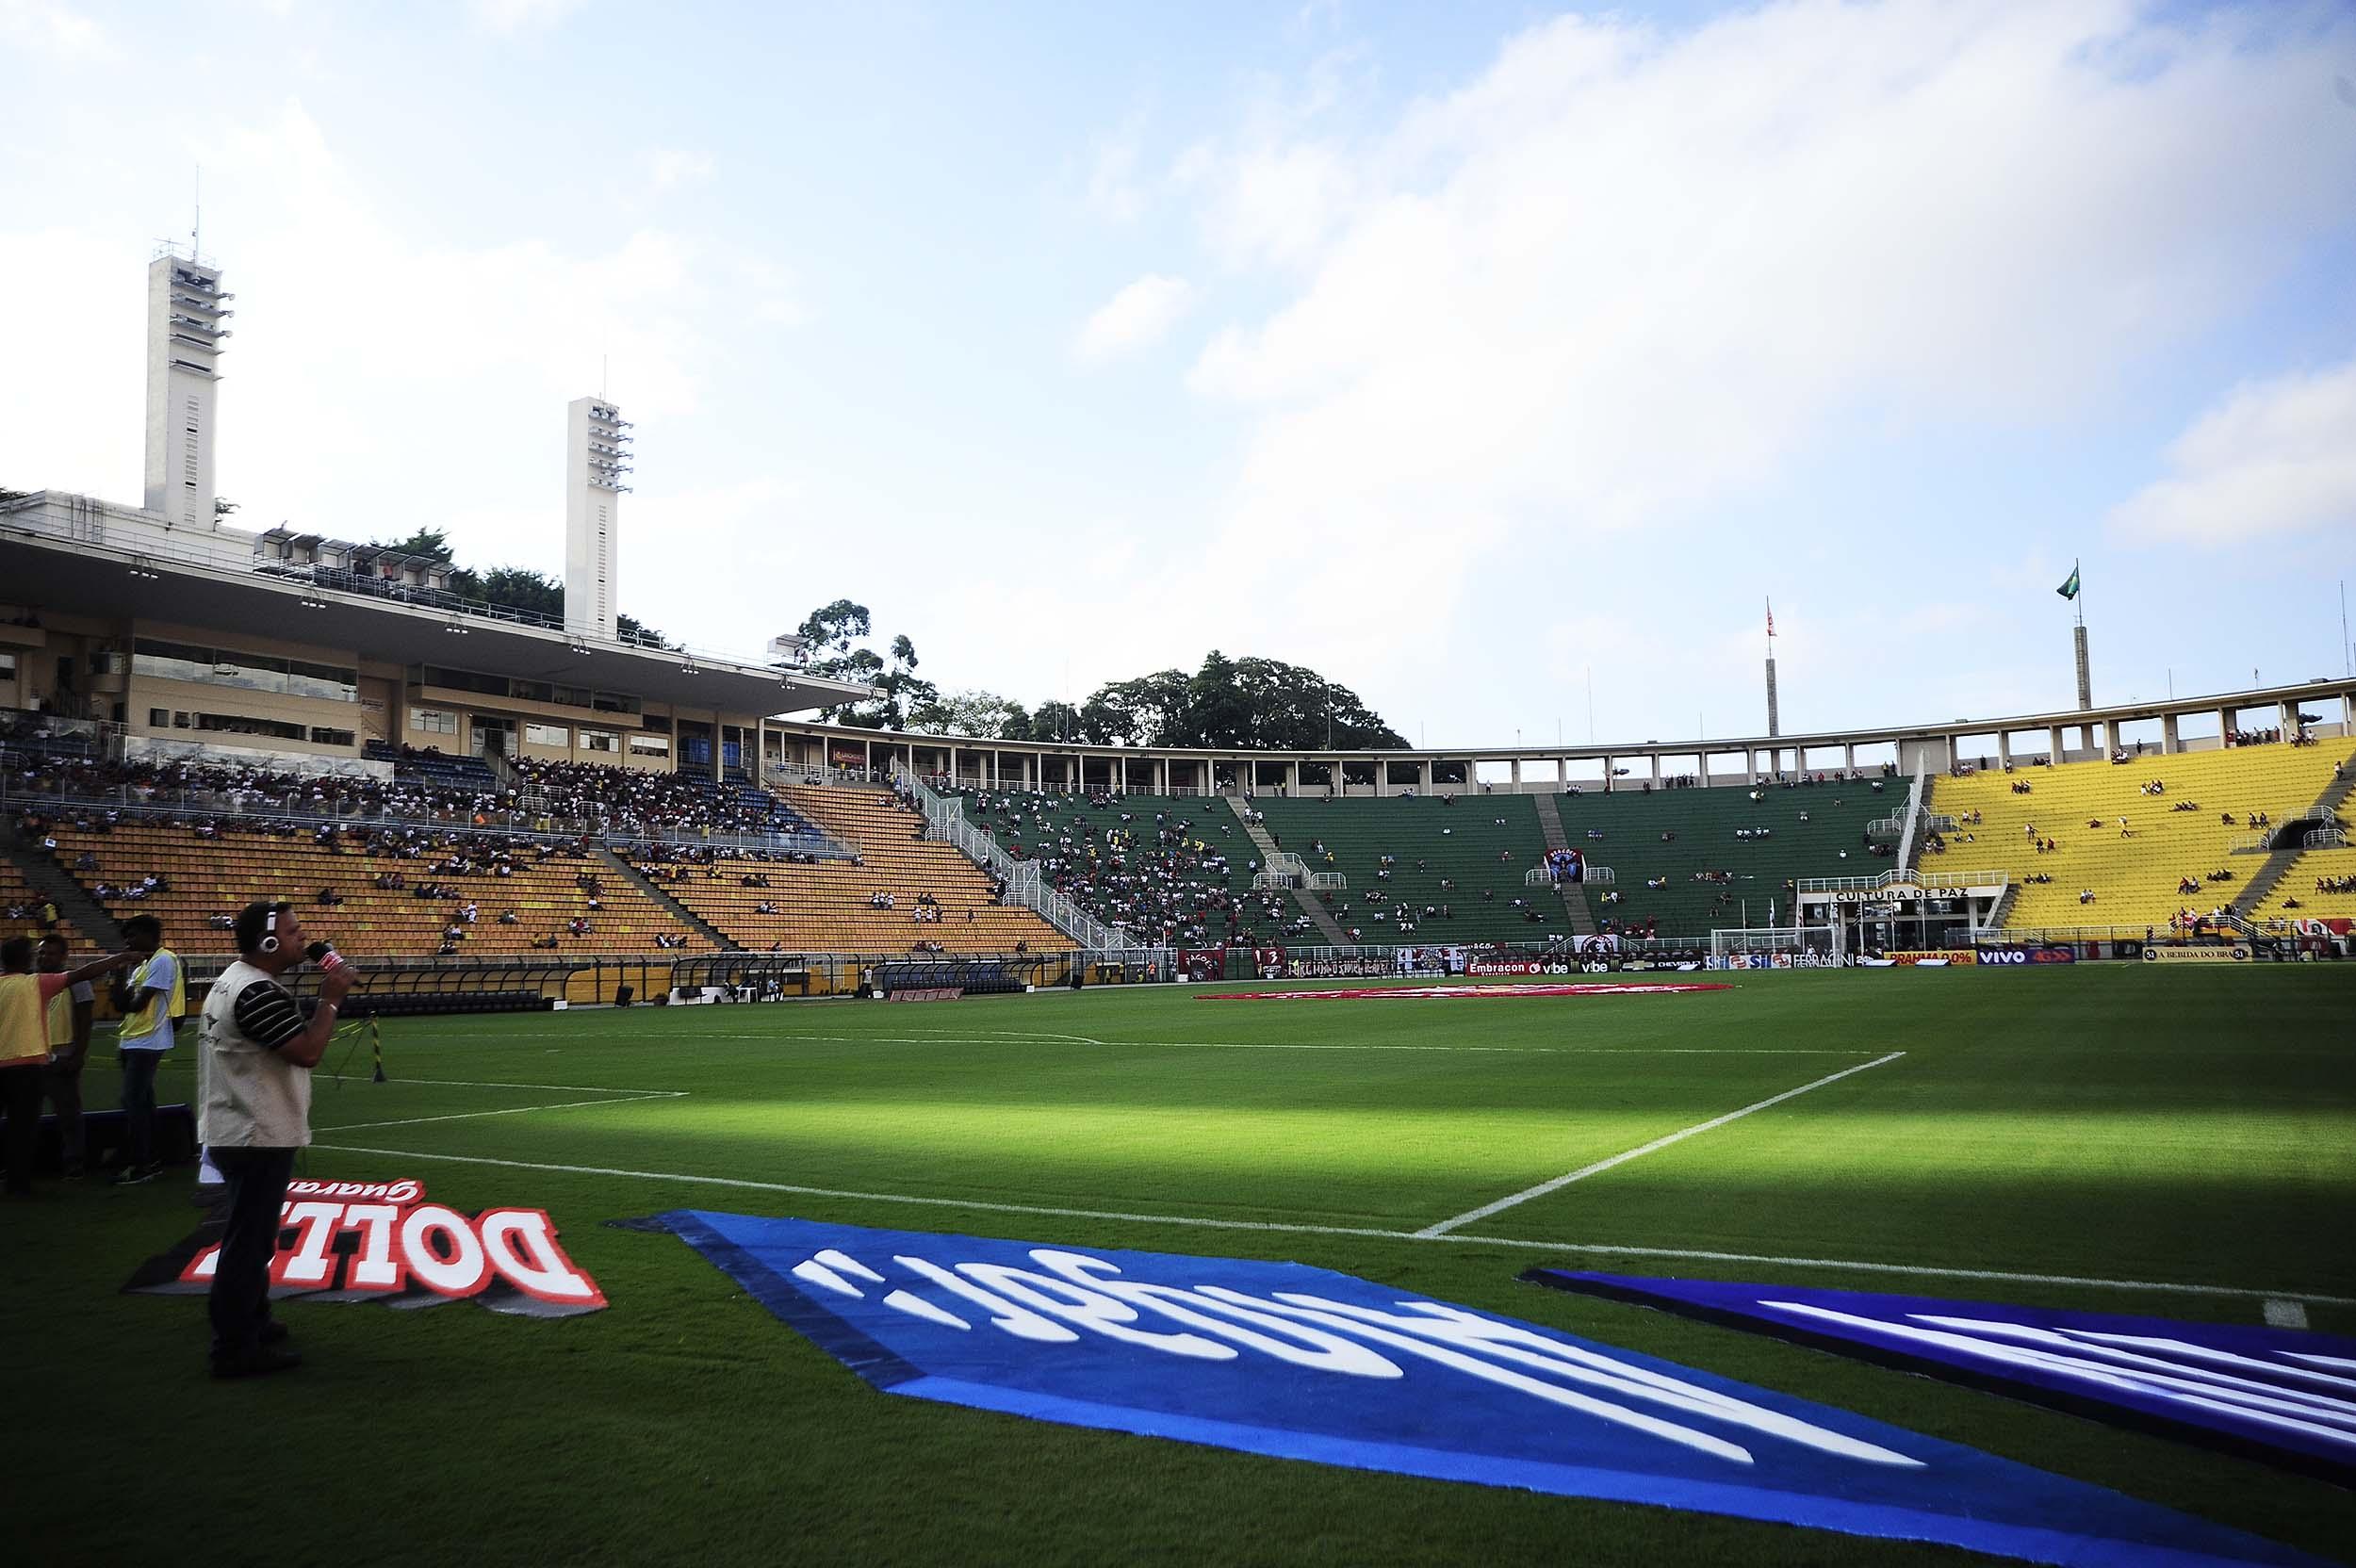 Santos inicia venda de ingressos para partida contra o Linense 74466fcf557c9